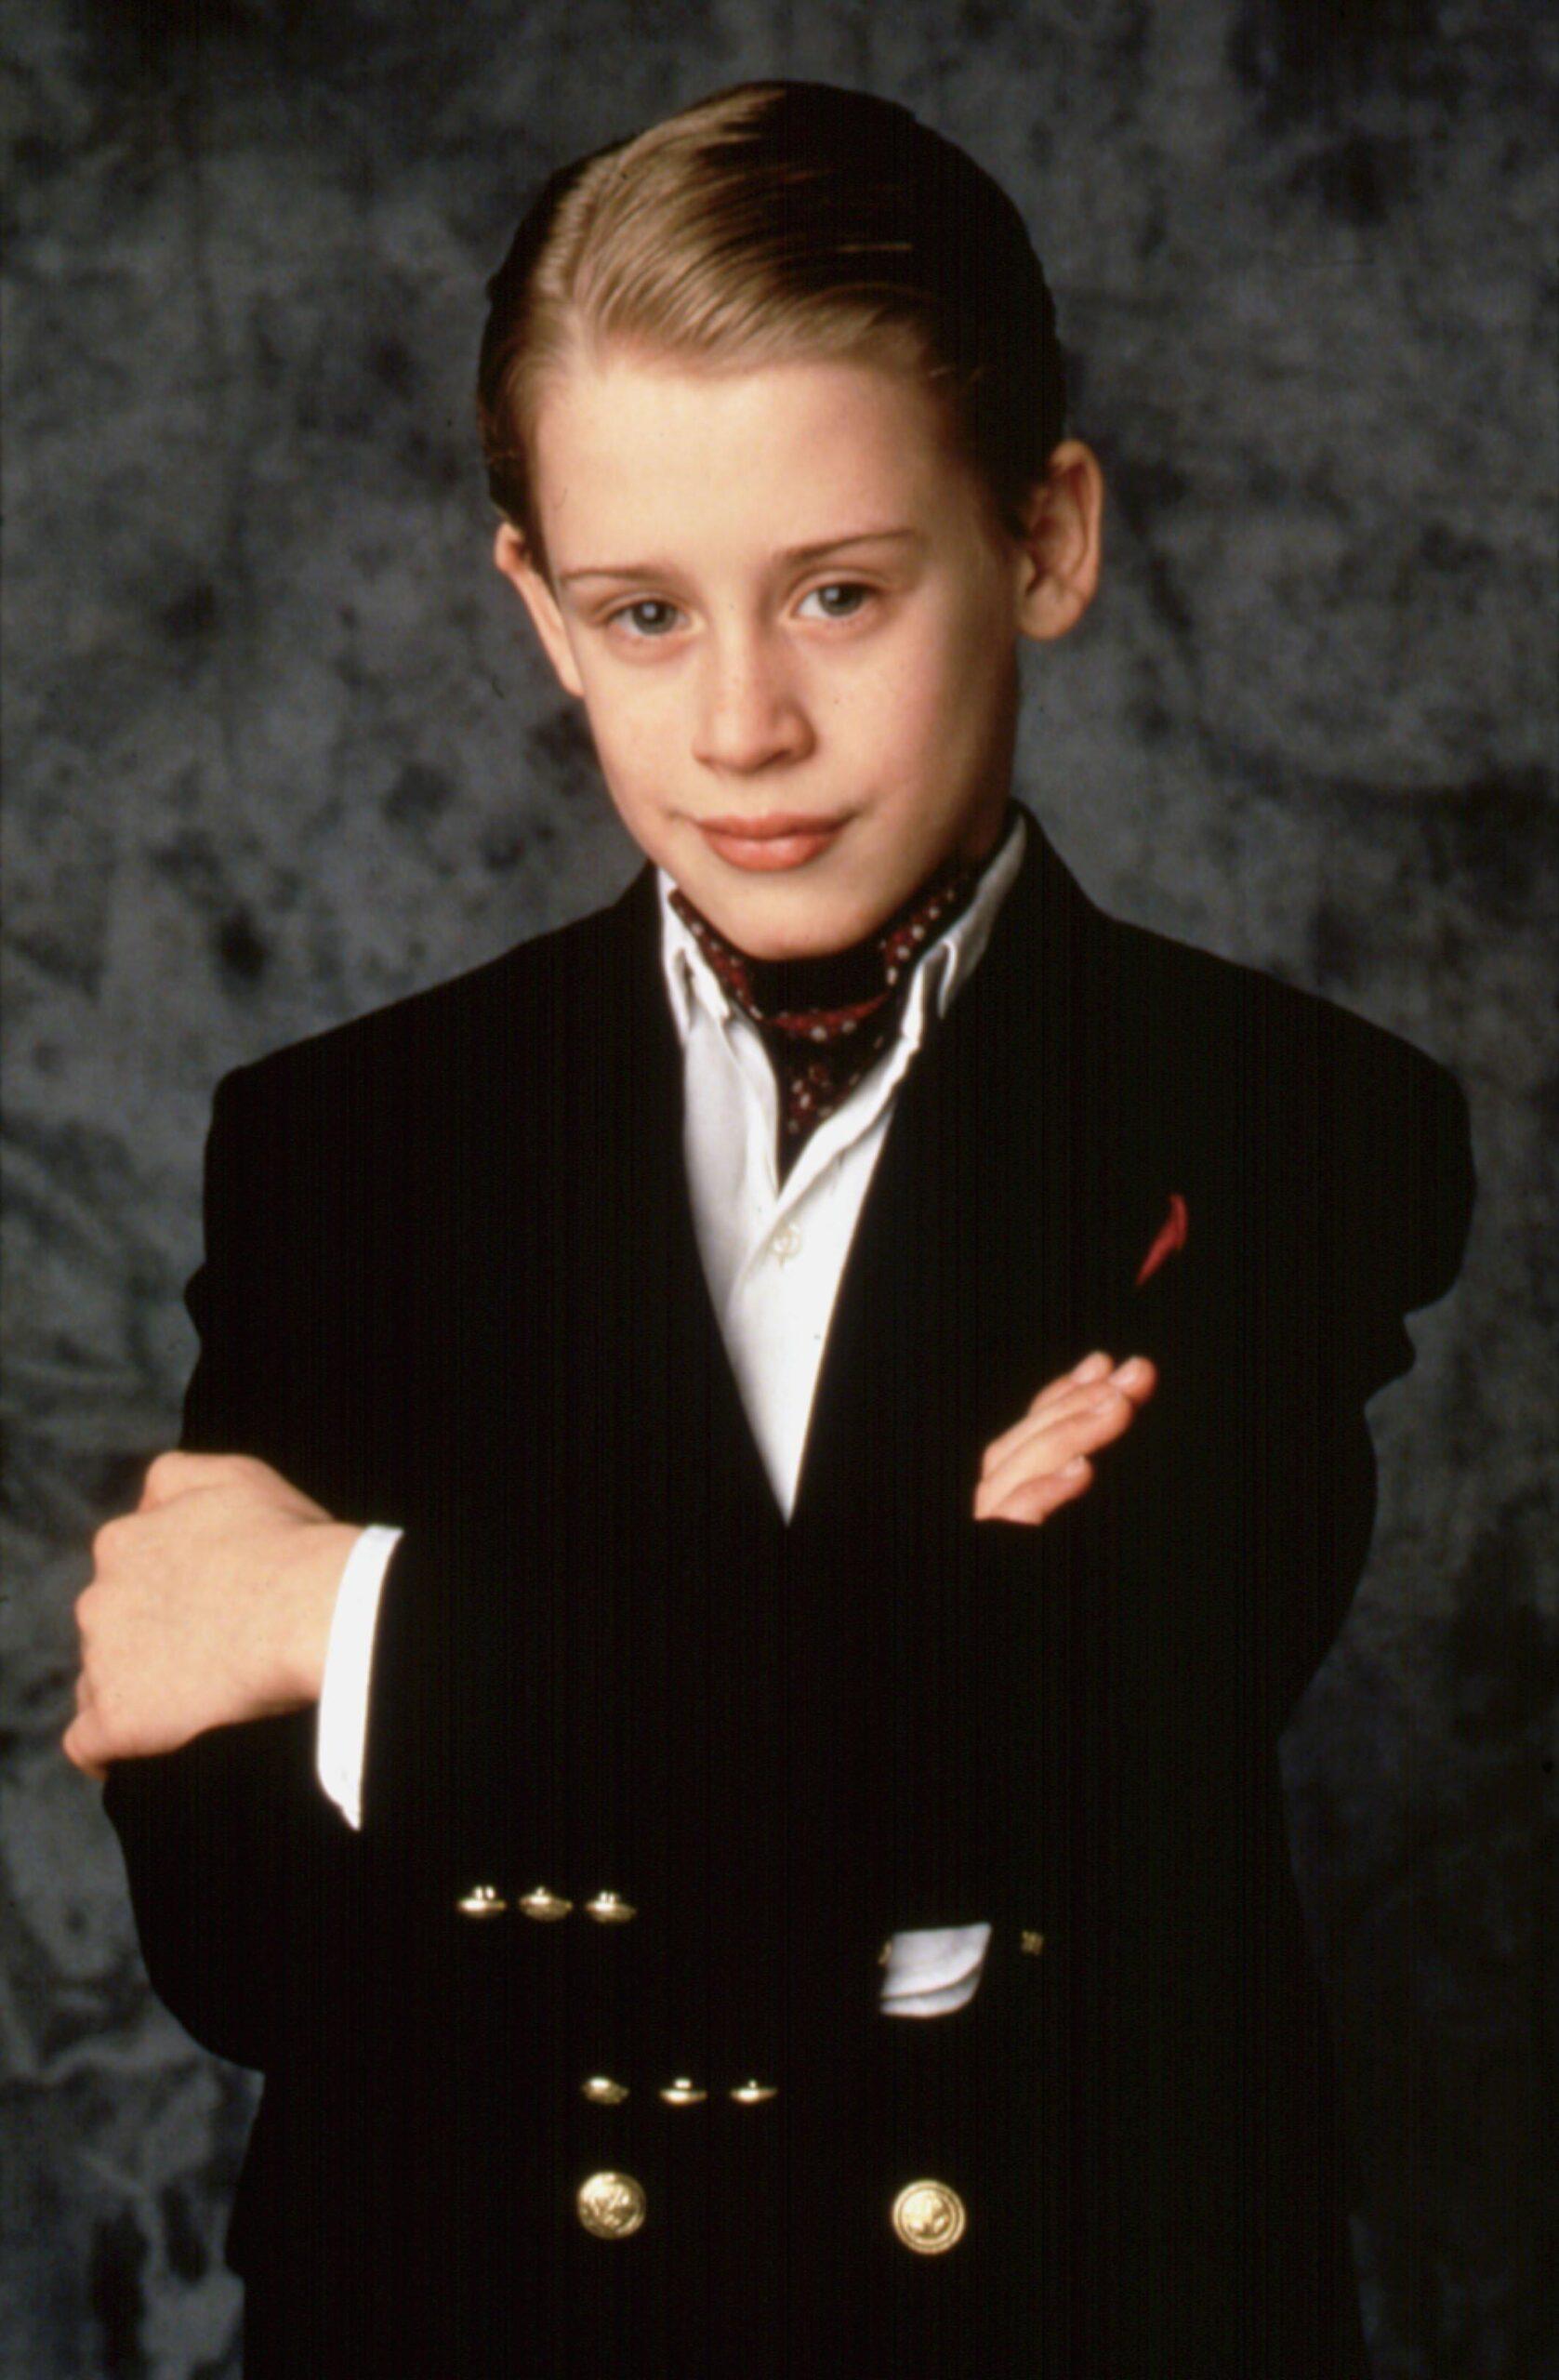 kevin bambino mamma ho perso aereo Macaulay Culkin